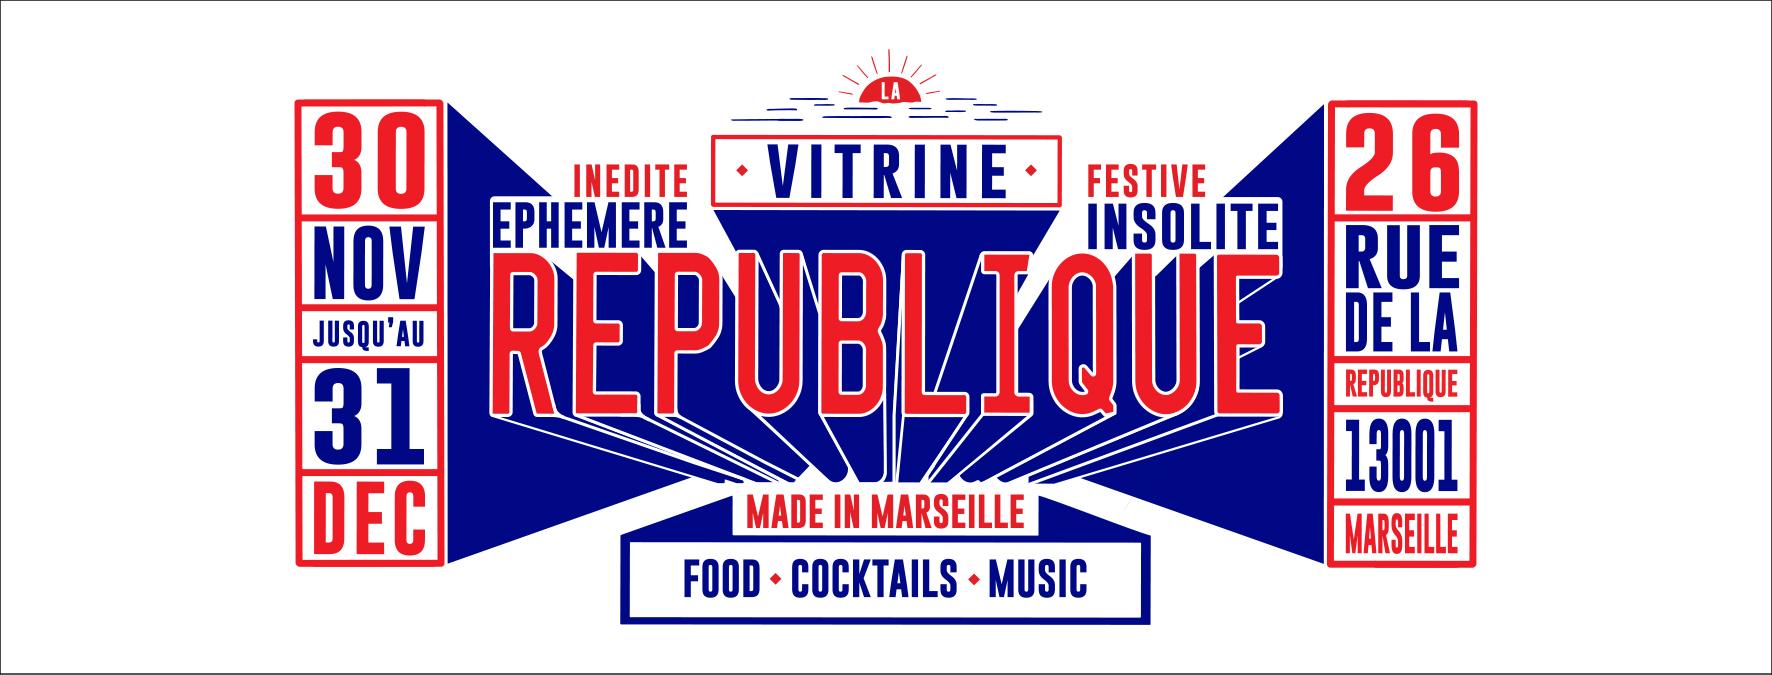 Plan Q Brest Druelle Et Rencontre Libertine Montpellier